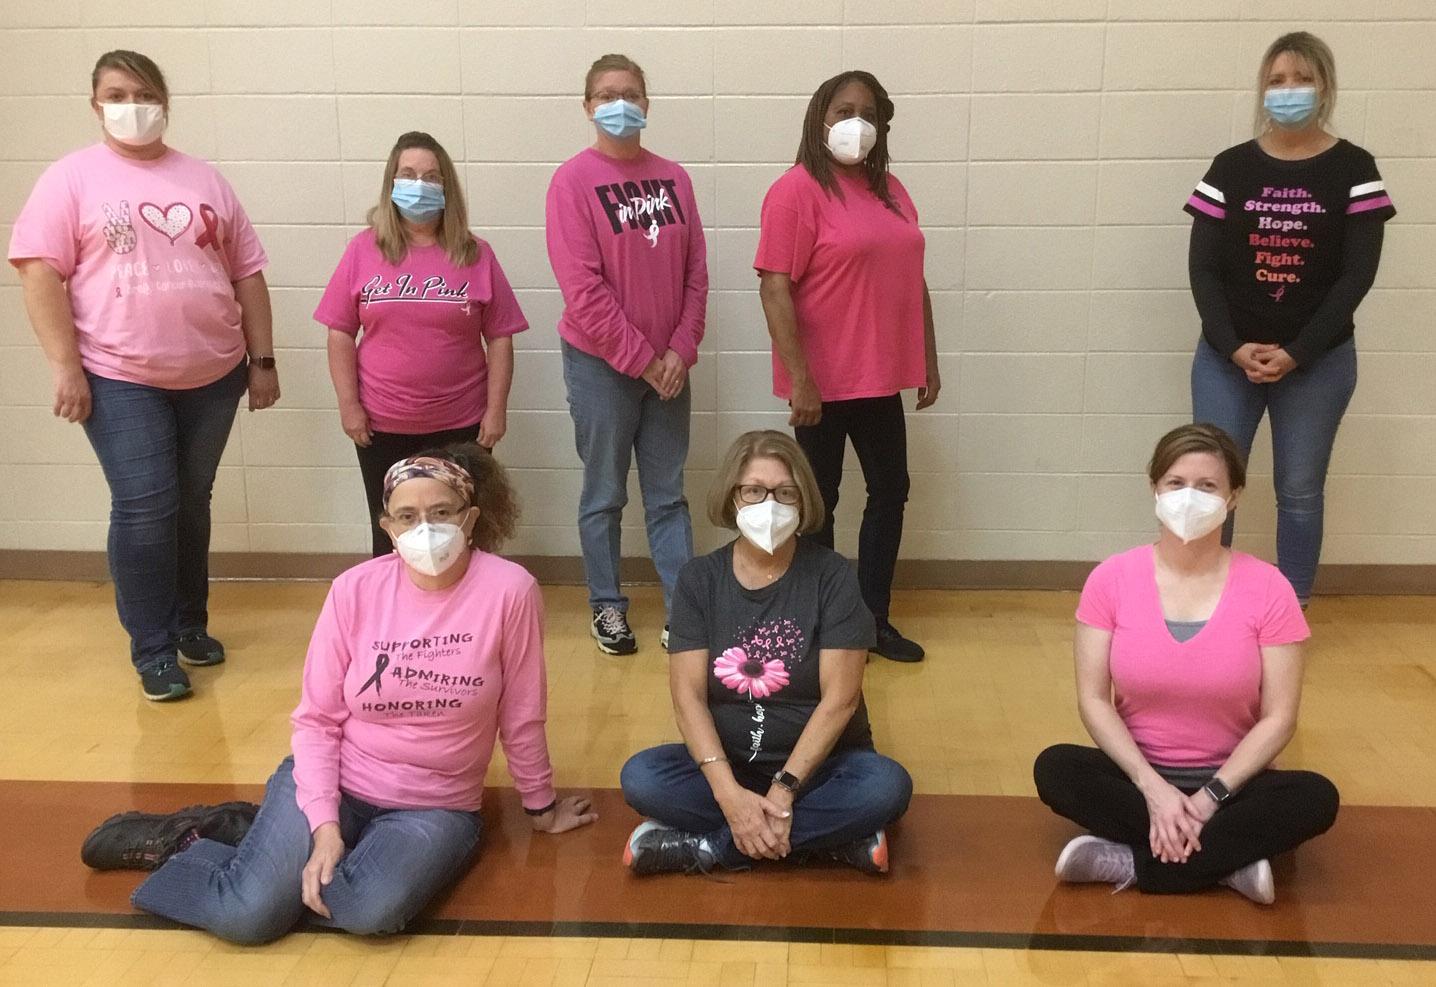 Murray Personal del Departamento de Salud del Condado posa para crear conciencia sobre el cáncer de mama